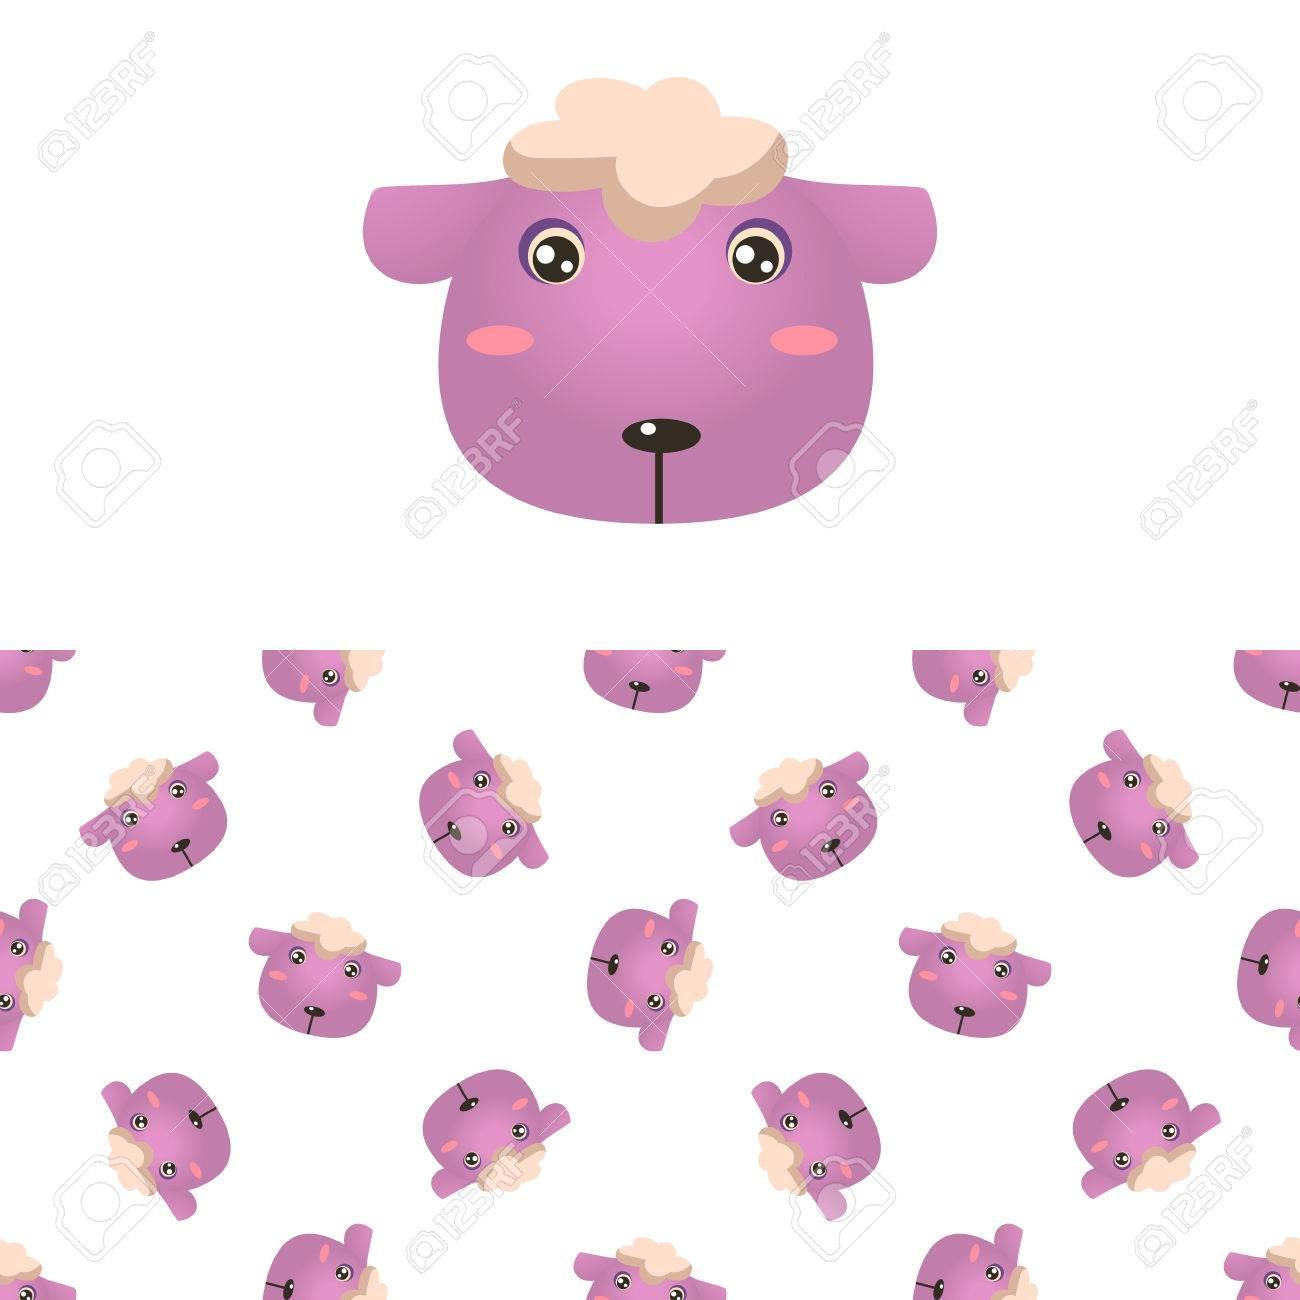 Icône Mouton Tête Et Motif Décoratif Seamless Dans Childish Flat Style  Vector Imprimer Sur Fond Blanc encequiconcerne Photo De Mouton A Imprimer